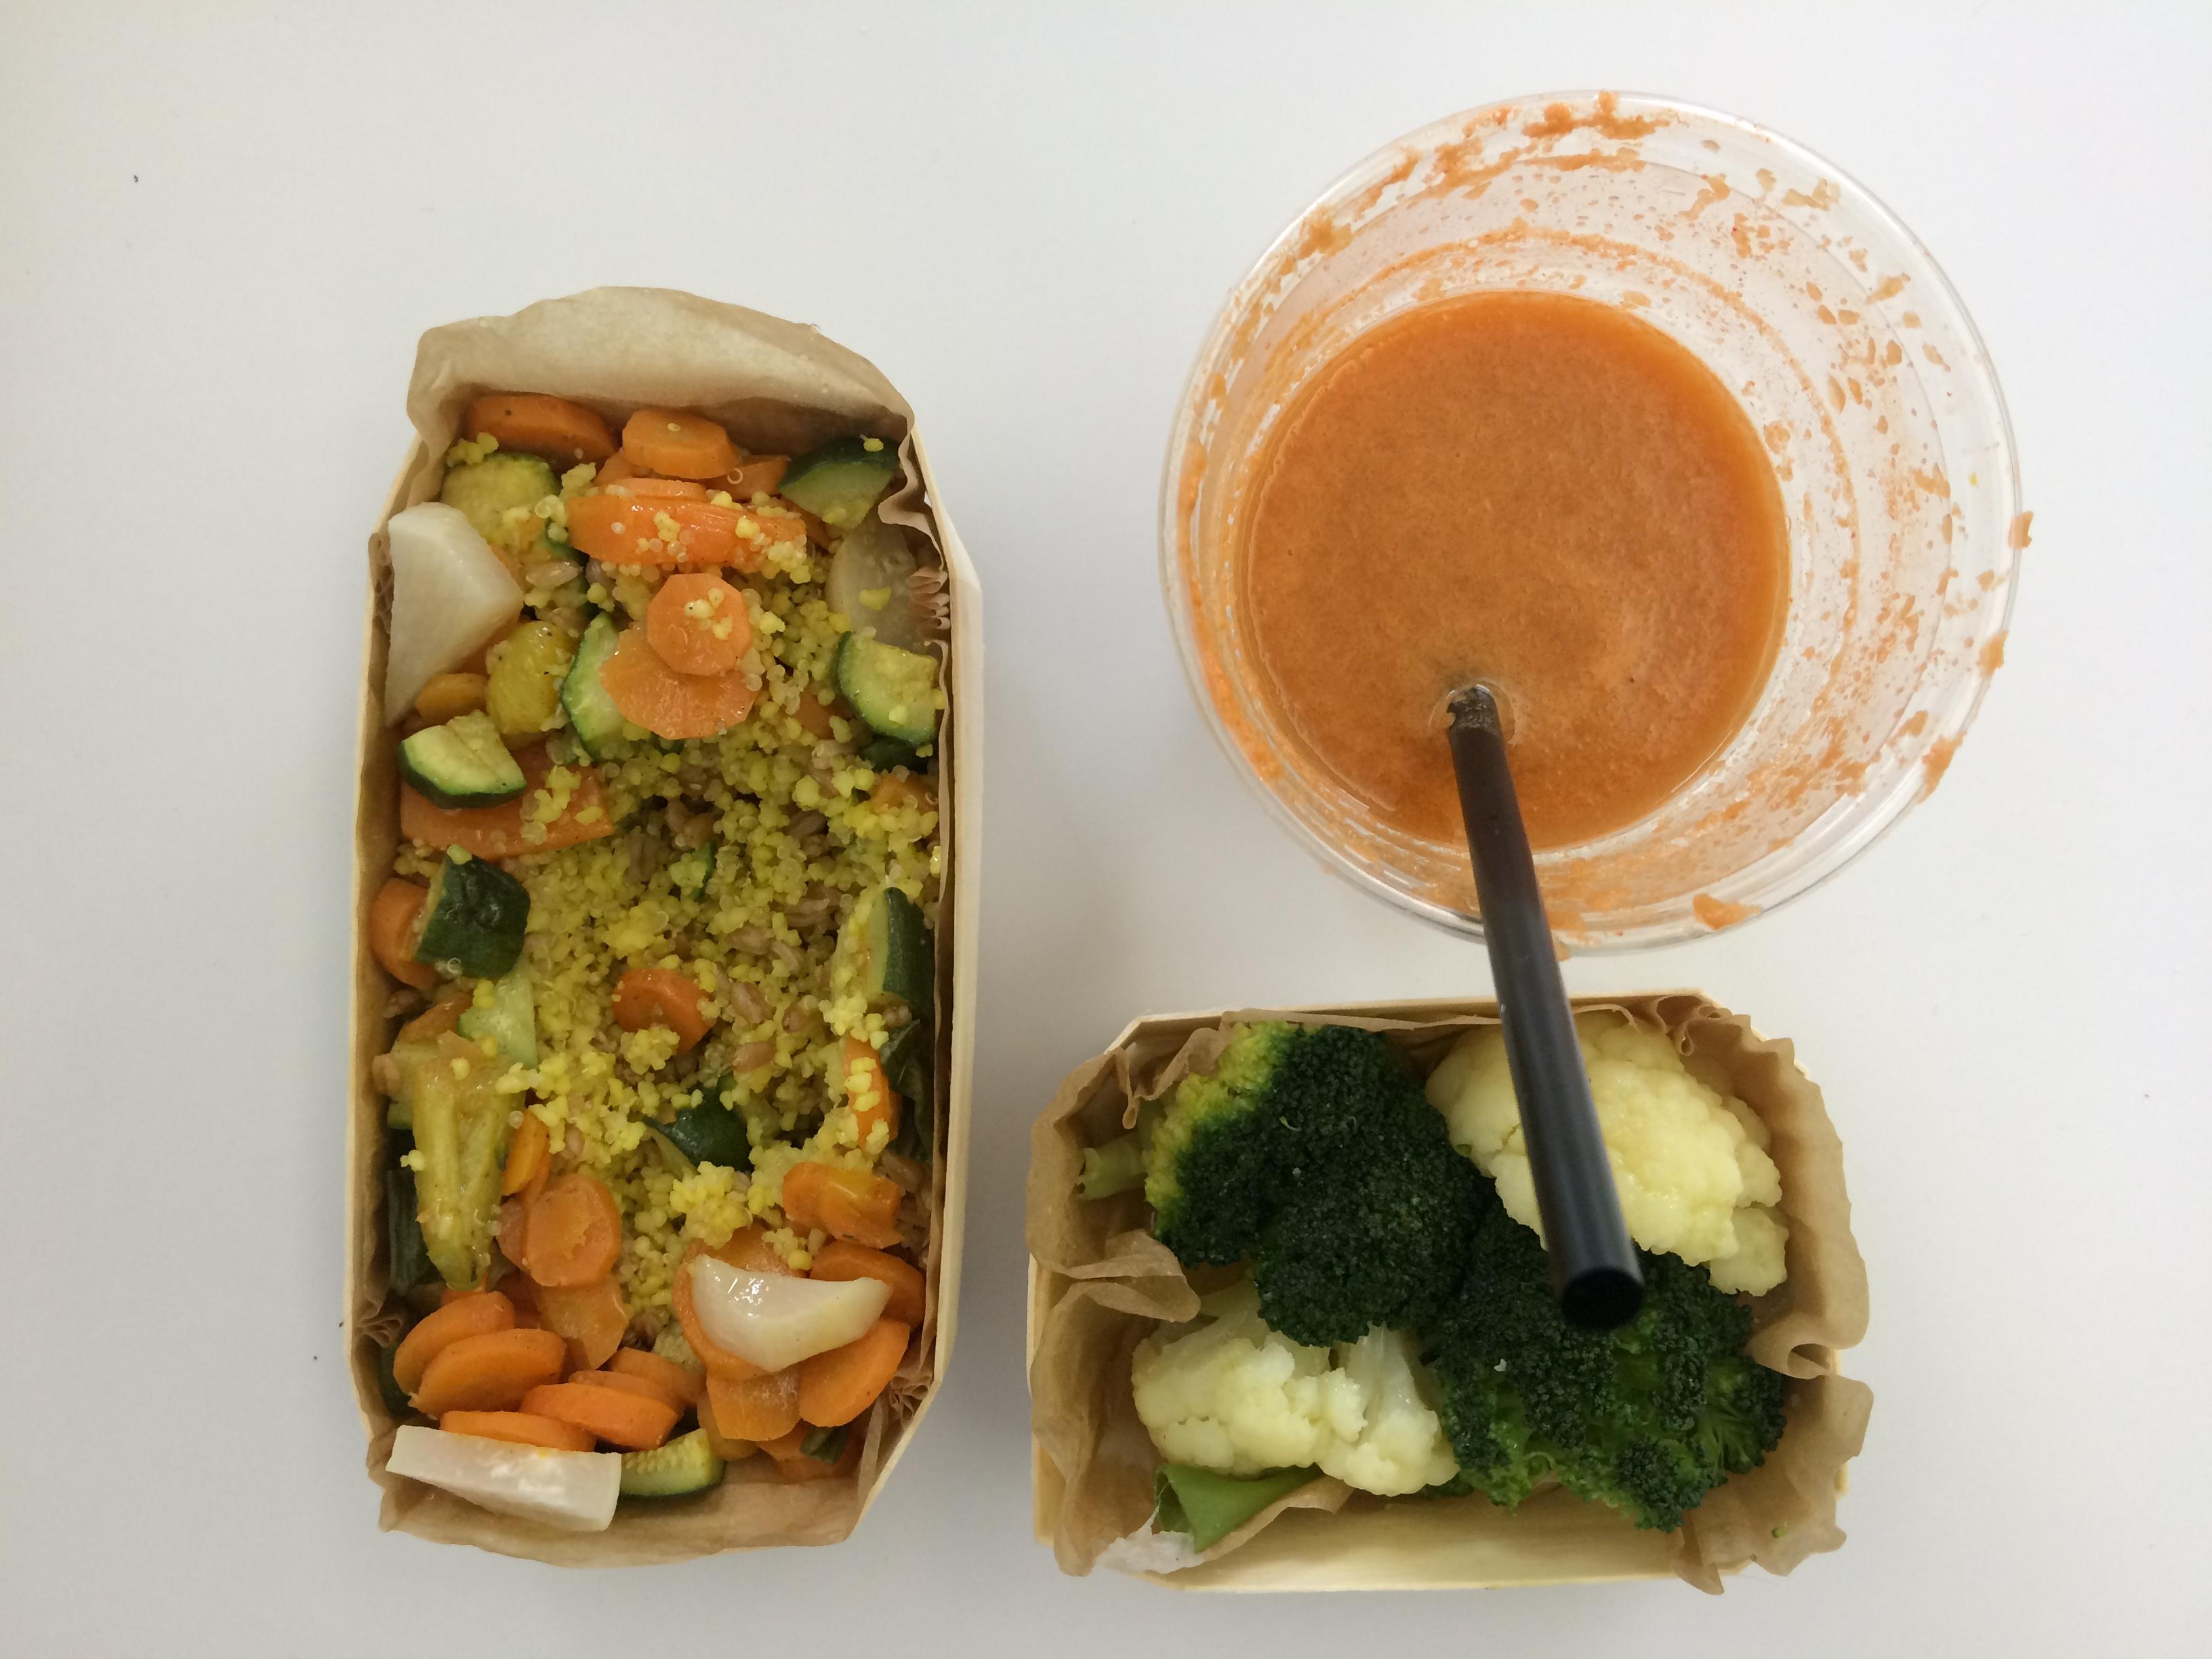 Pranzo Ufficio Vegano : Pausa pranzo in ufficio futomaki di verdure per tutti ecocucina